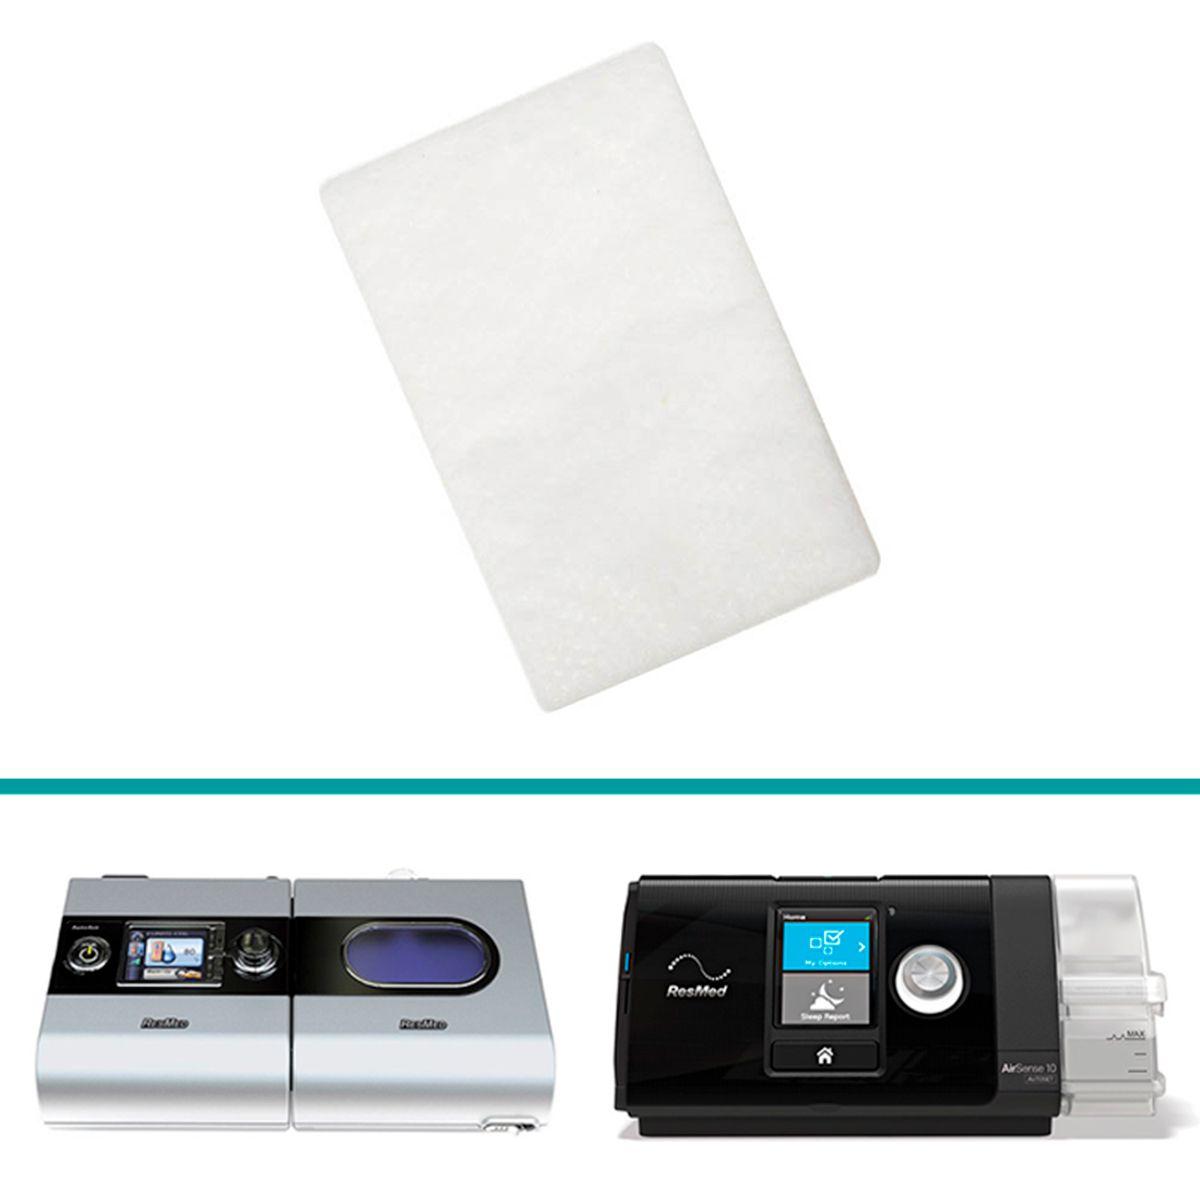 Filtro Original do CPAP AirSense 10 e S9-Series Resmed (1un)